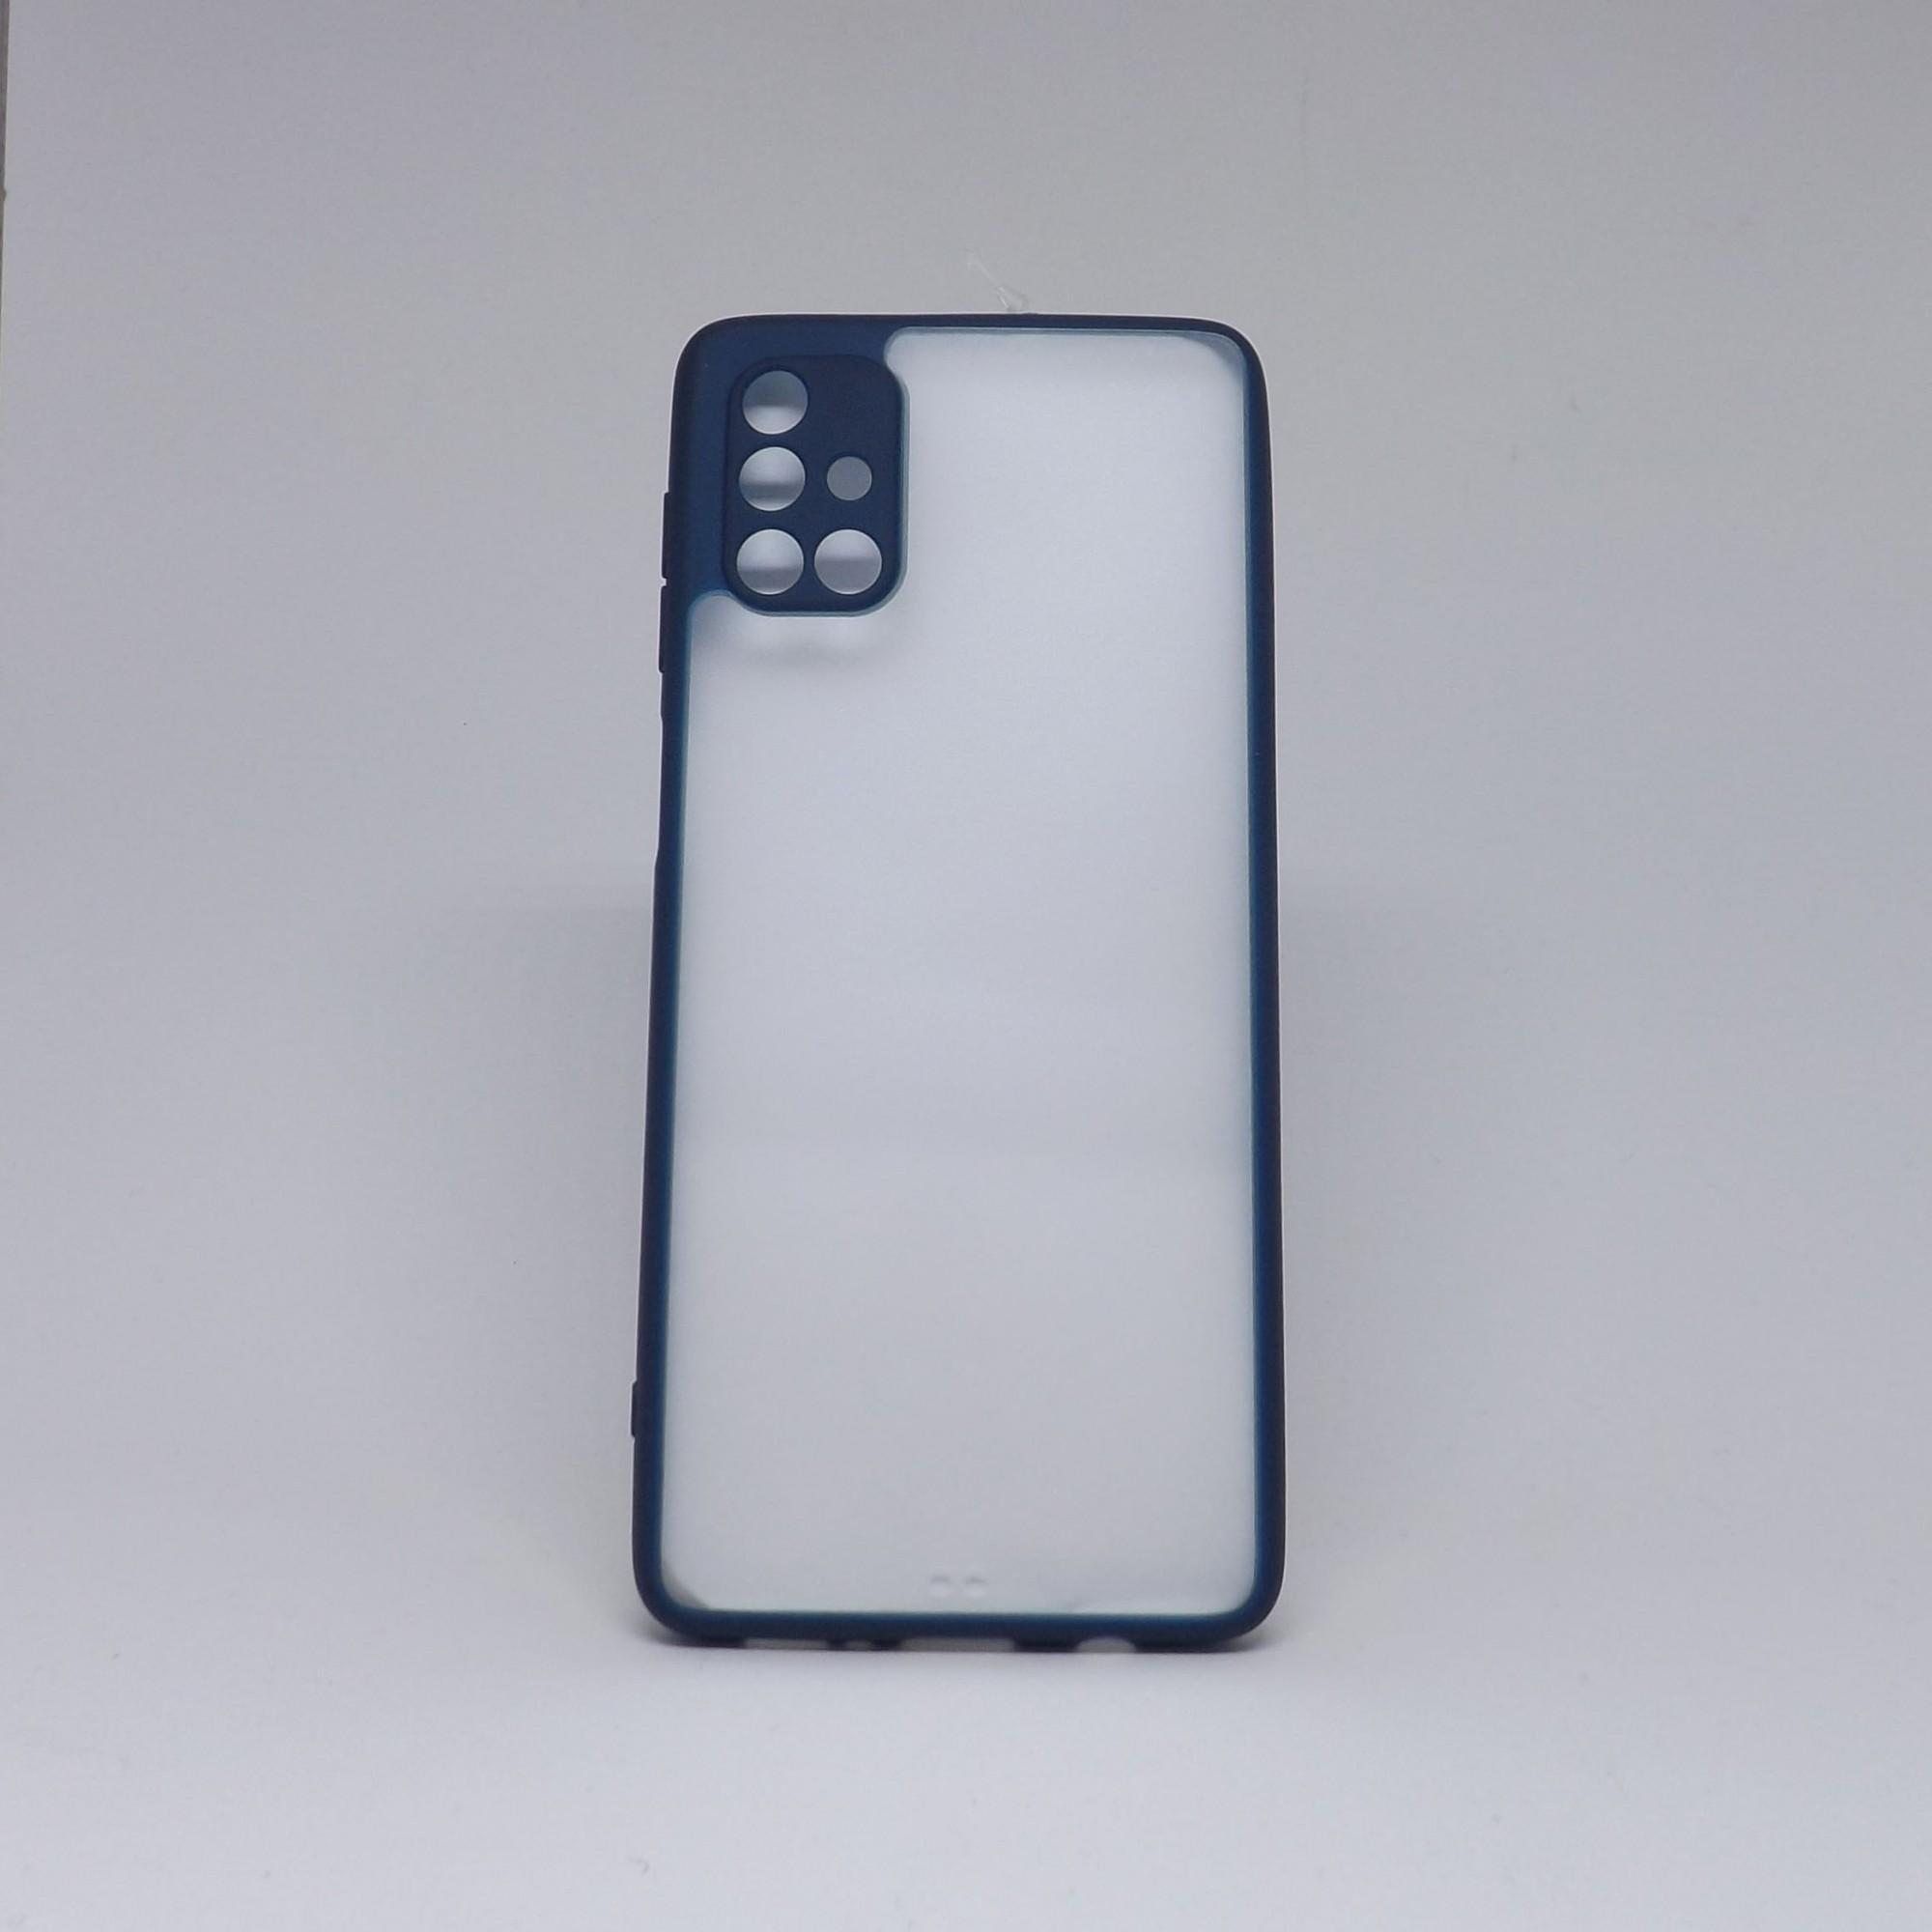 Capa Samsung Galaxy M51 Transparente  com Borda Colorida